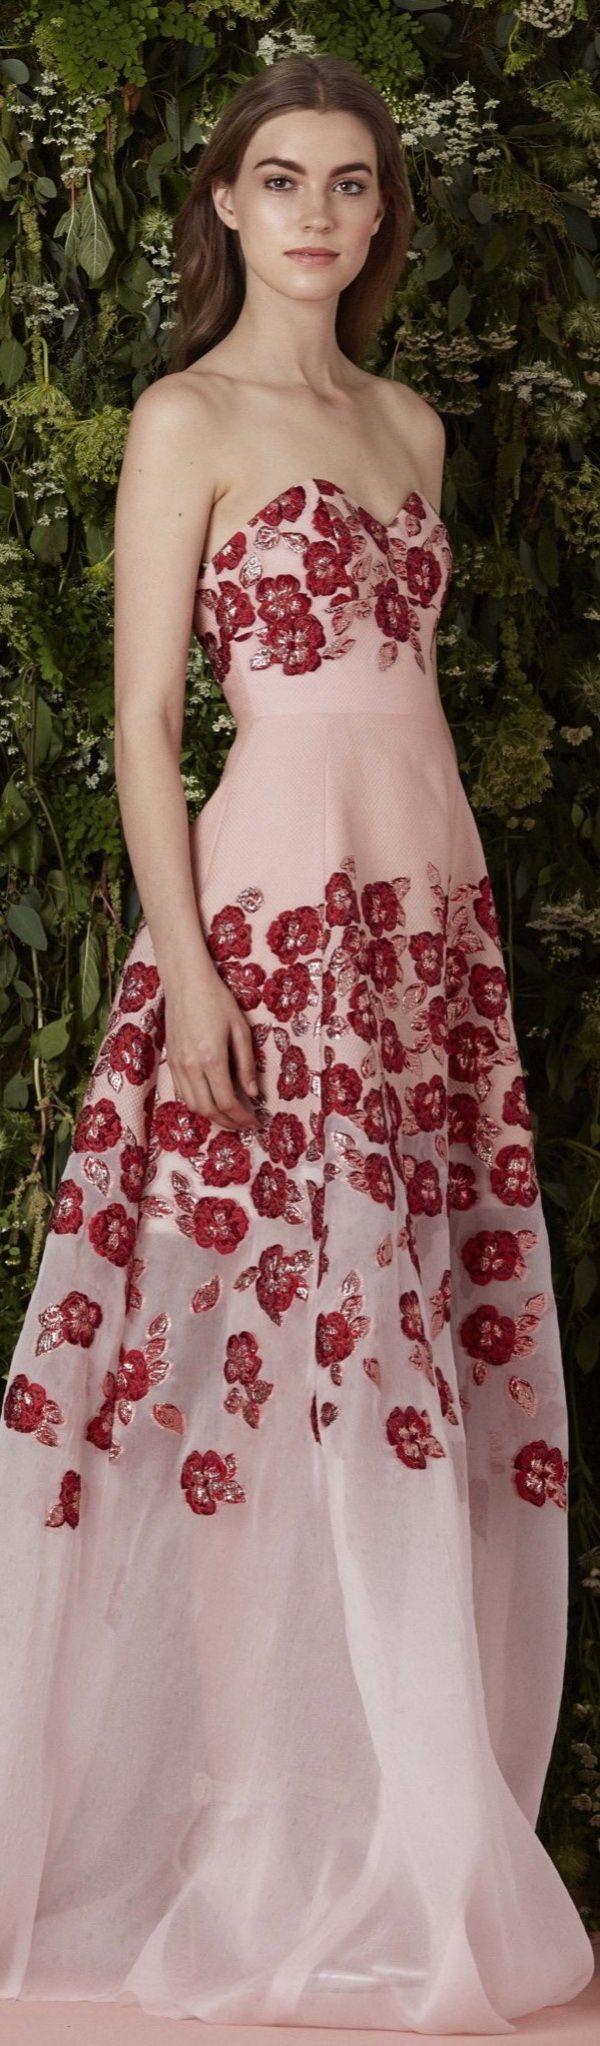 67 best Mod Concert images on Pinterest   Formal dresses, Prom ...